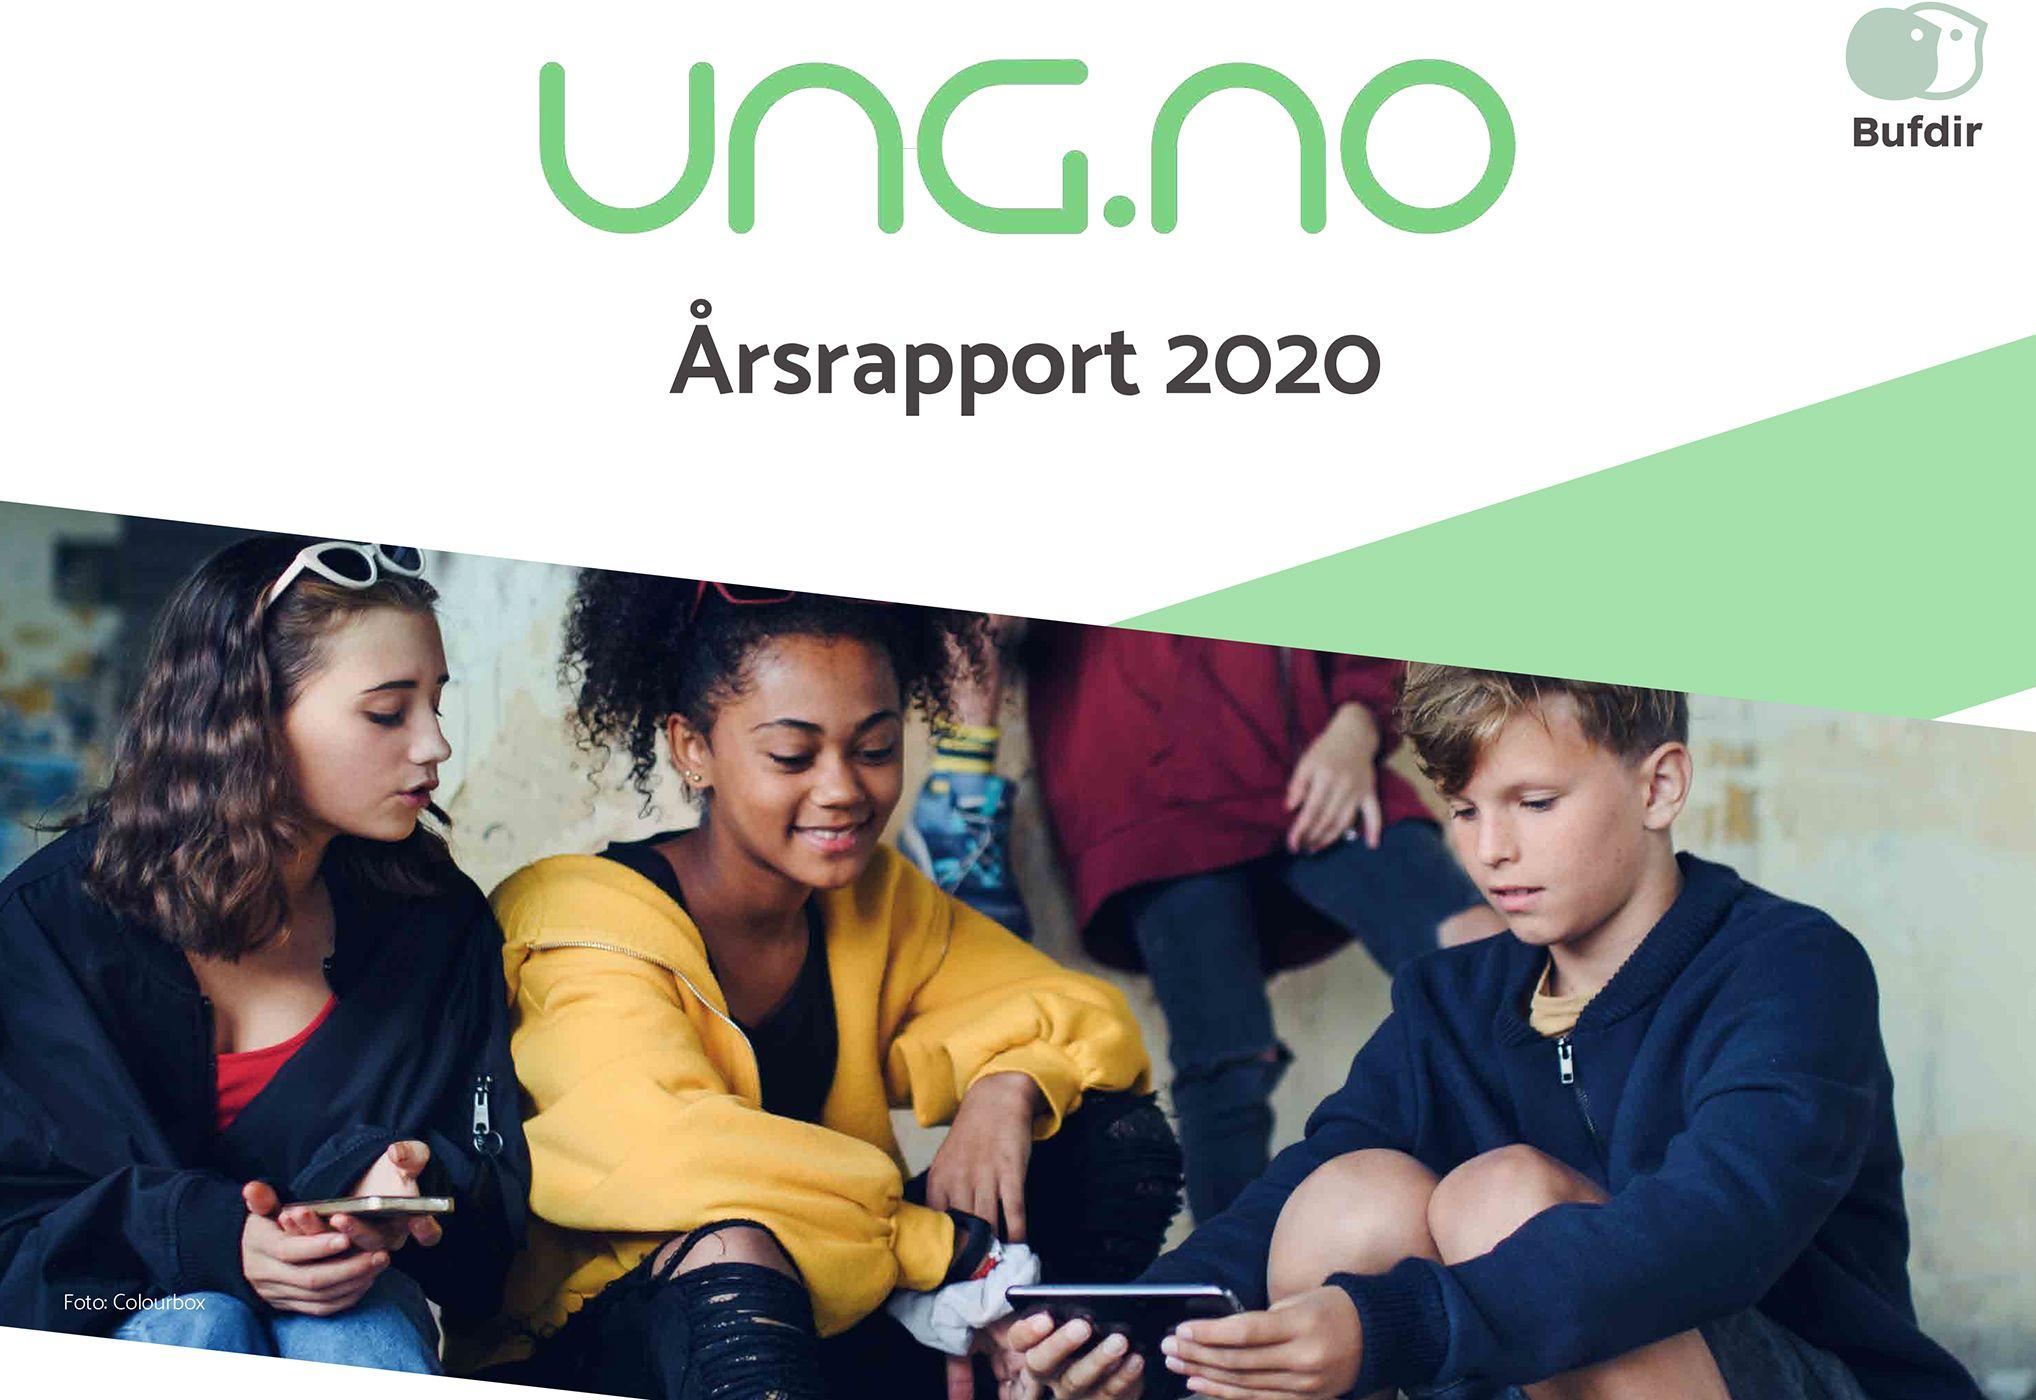 Forsiden på årsrapporten for ung.no for 2020.